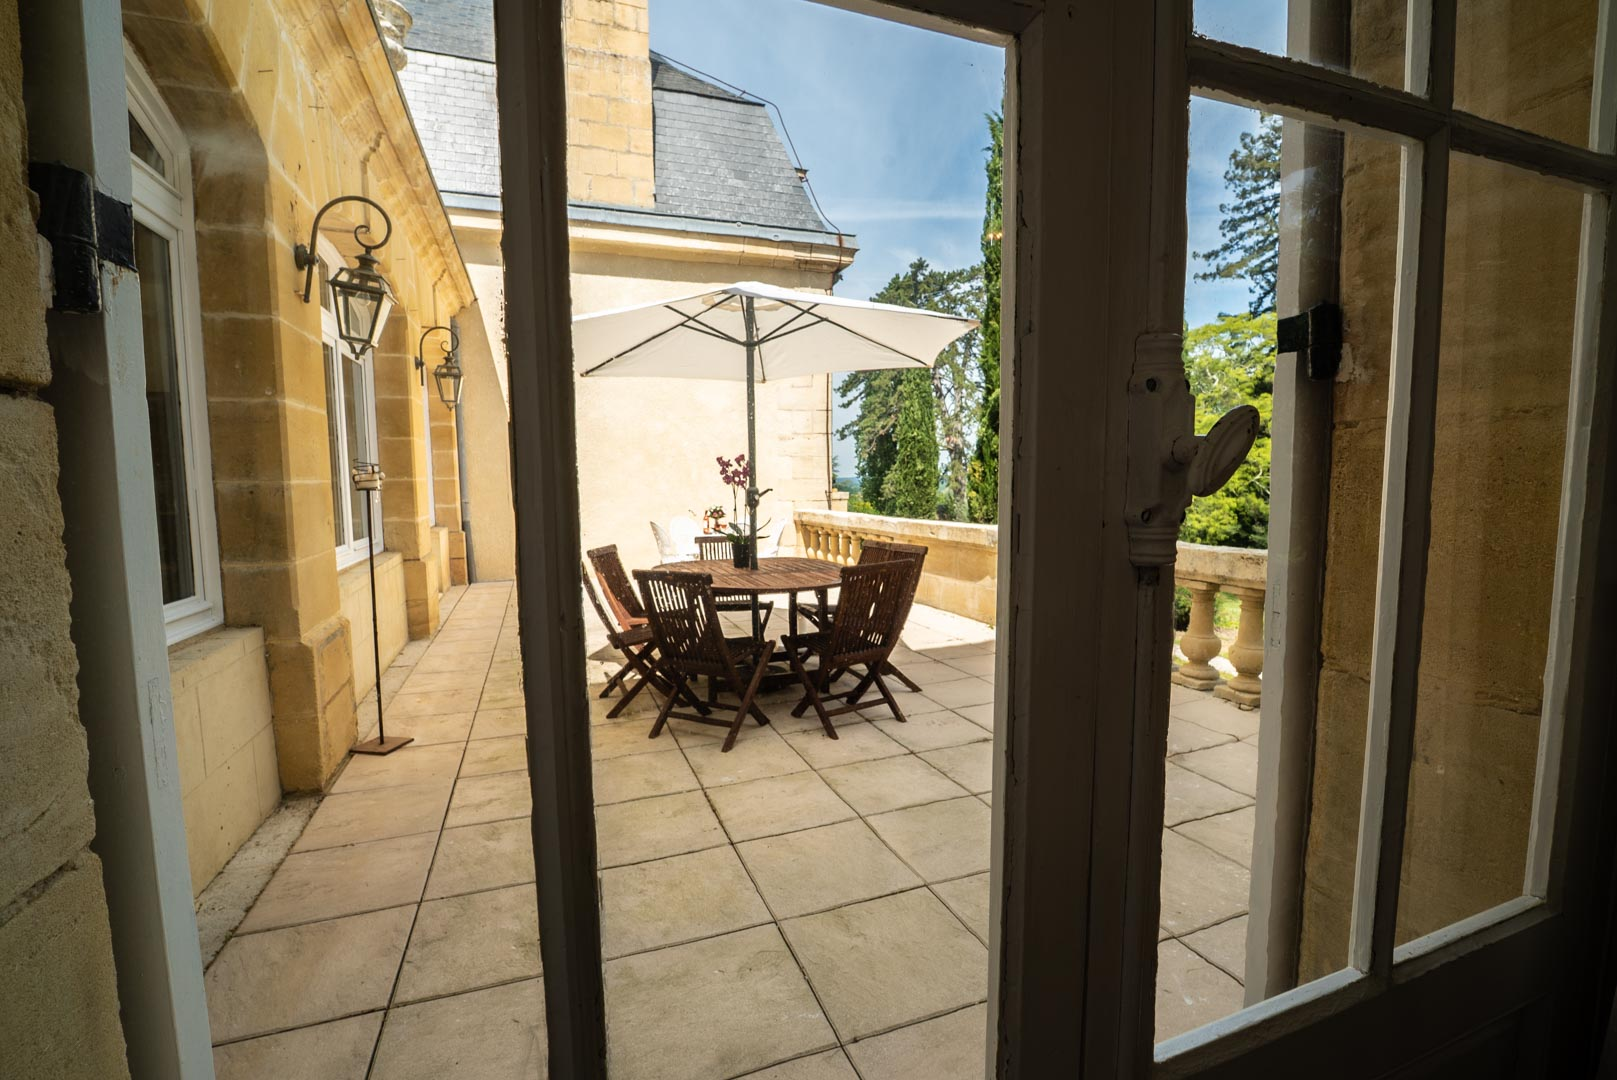 Suite Pécharmant Chateau Rauly location bergerac Monbazillac